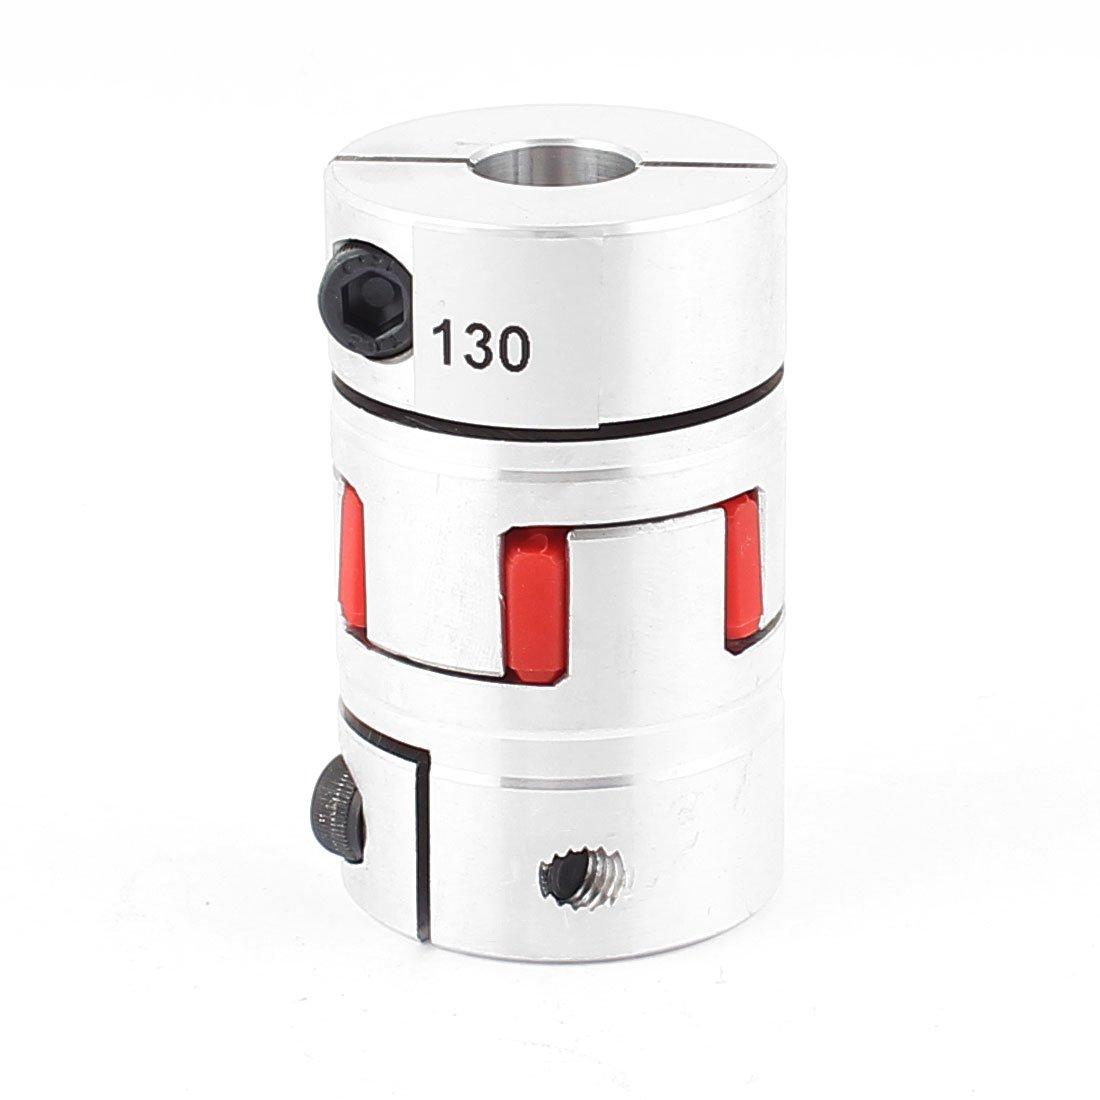 uxcell 14mm x 14mm Flexible Plum Coupling Shaft D40 L66 Stepper Motor Coupler